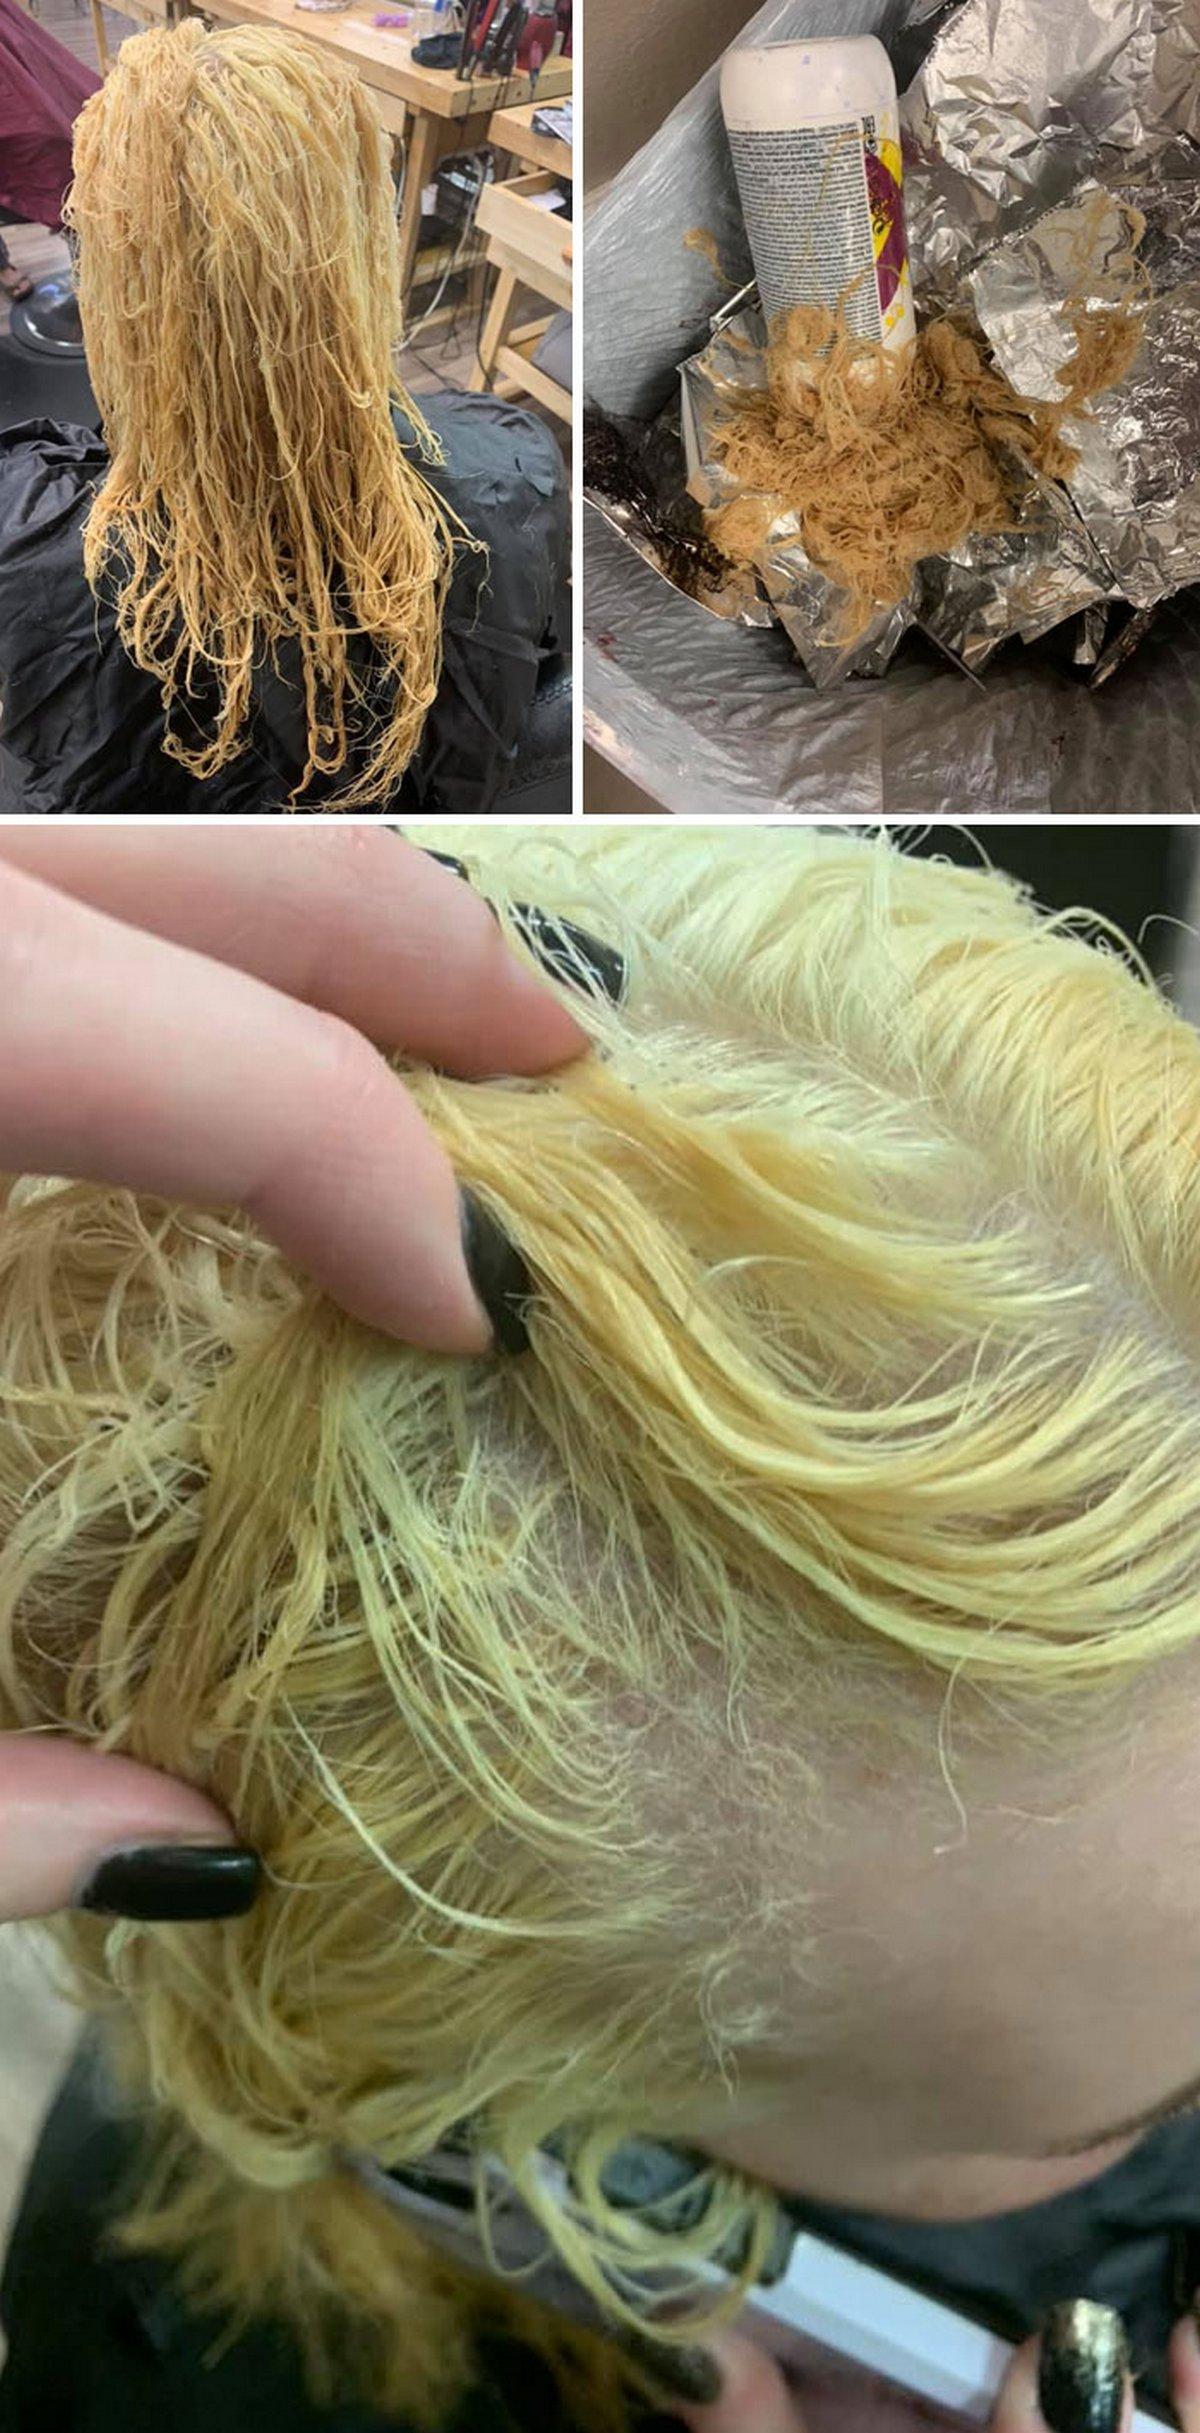 Après avoir vu ces échecs de coloration des cheveux, vous allez vous réjouir de ne pas être la «victime» sur les photos